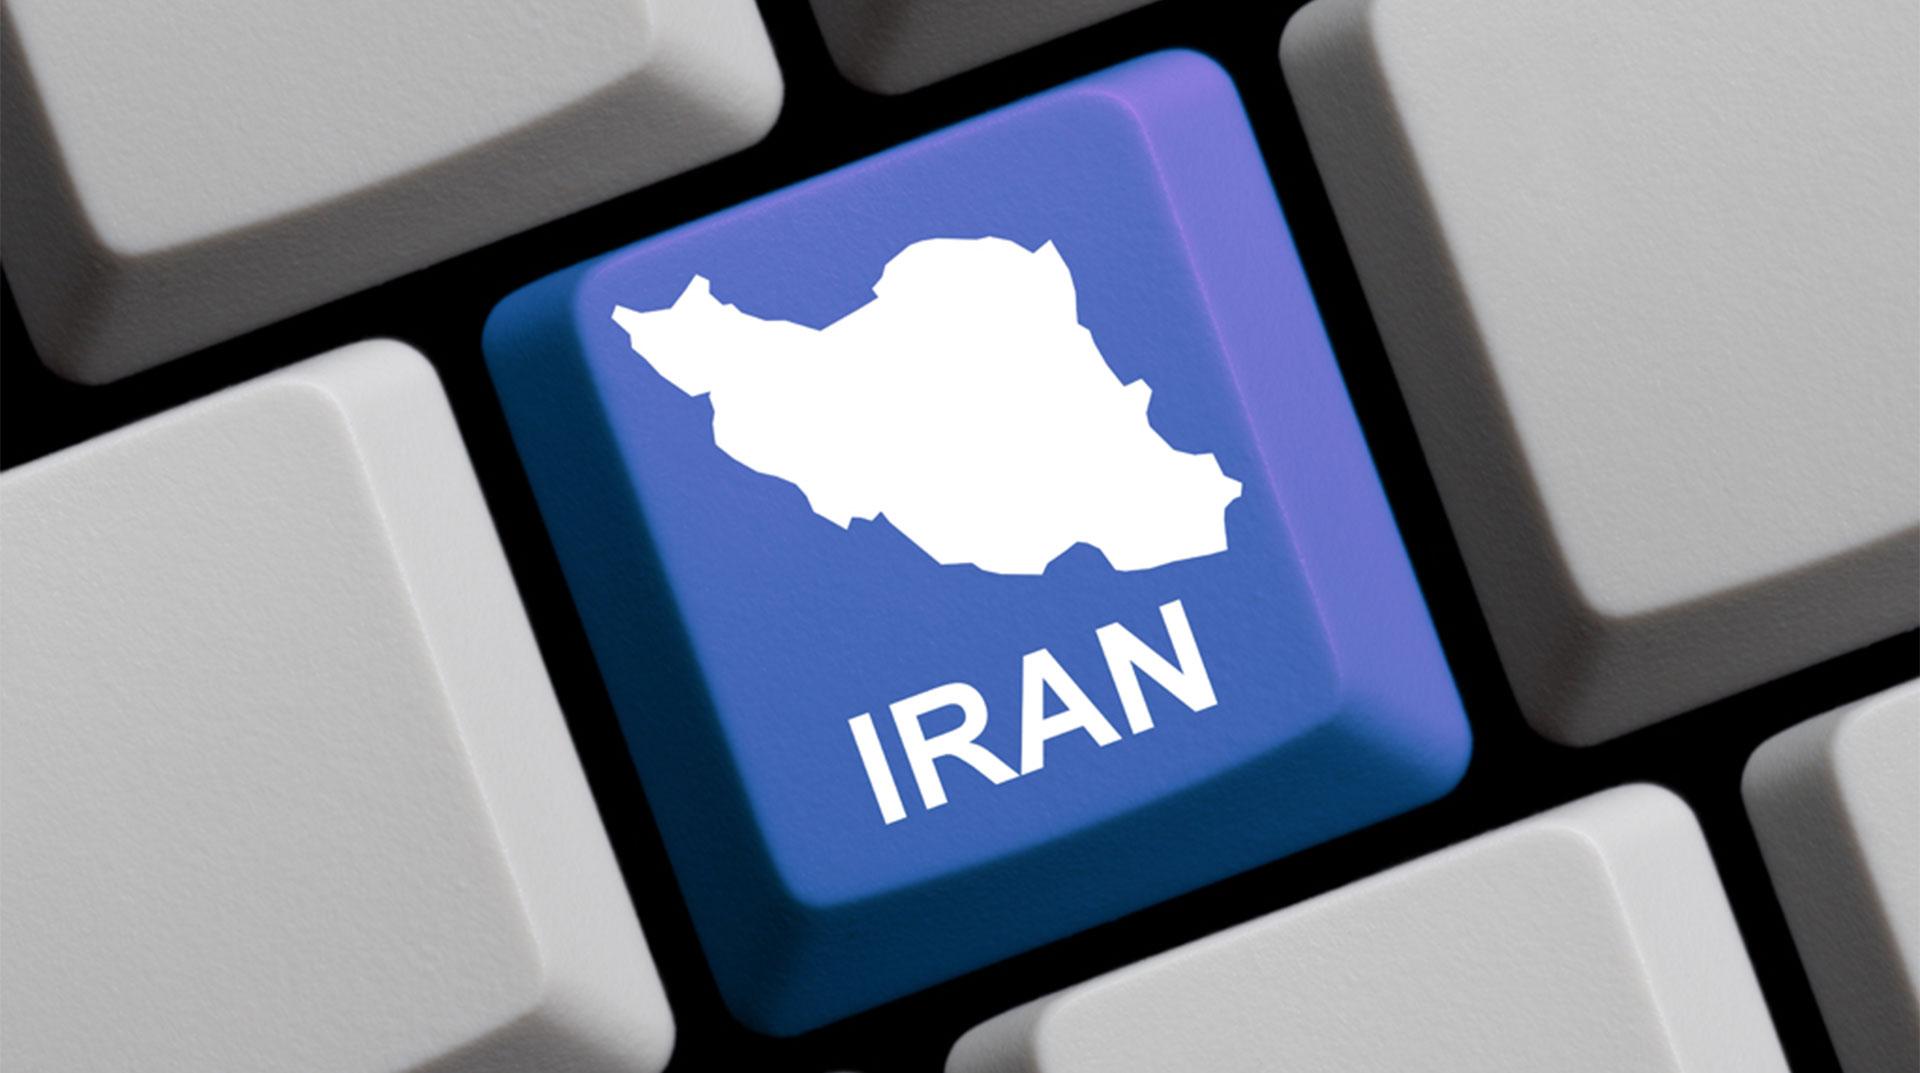 İran: İnternet Yasağı Güvenlik Sağlanana Kadar Sürecek